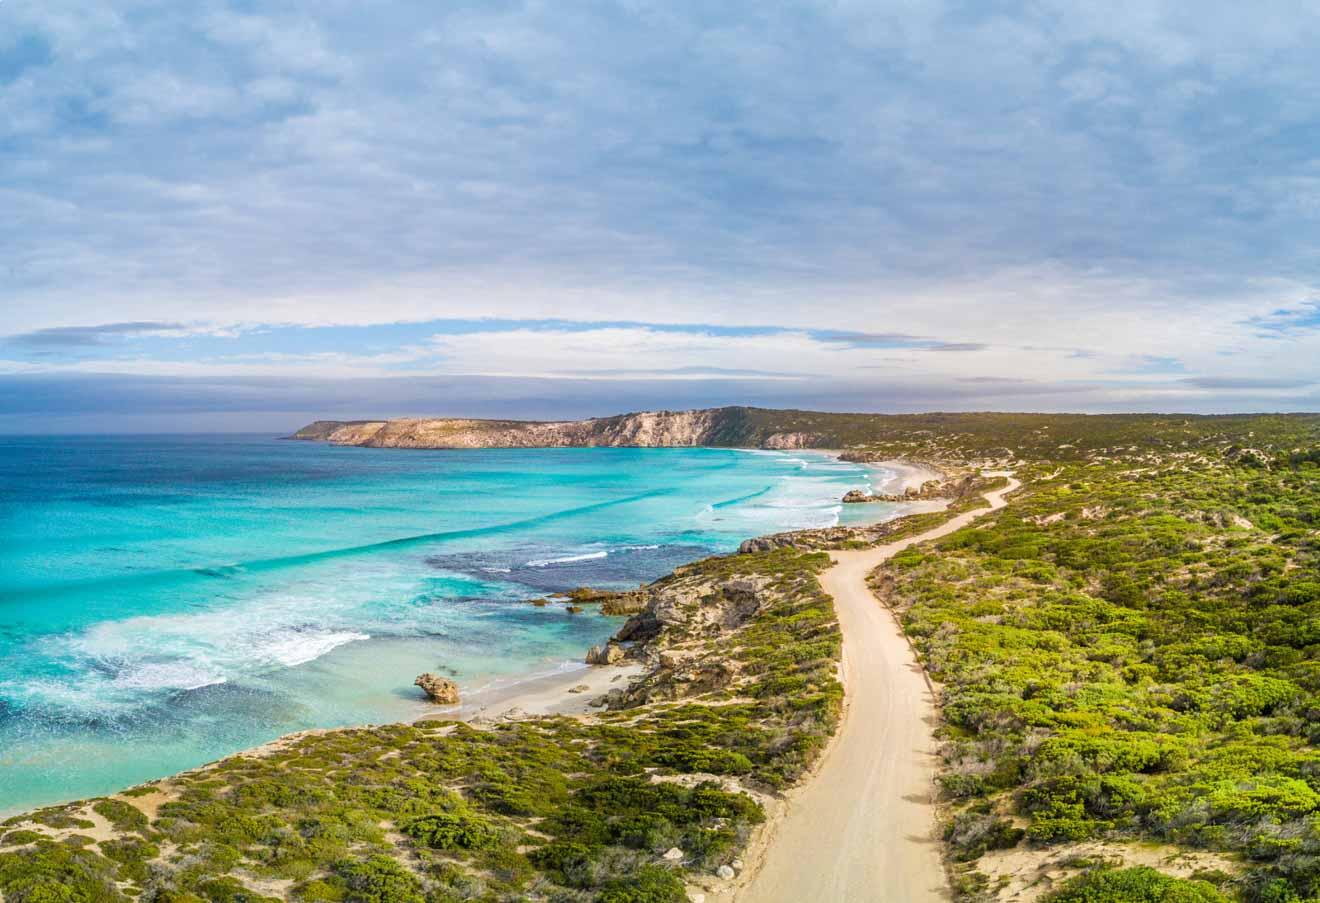 Guía de Kangaroo Island - Pennington Bay ¿Qué hacer en Kangaroo?